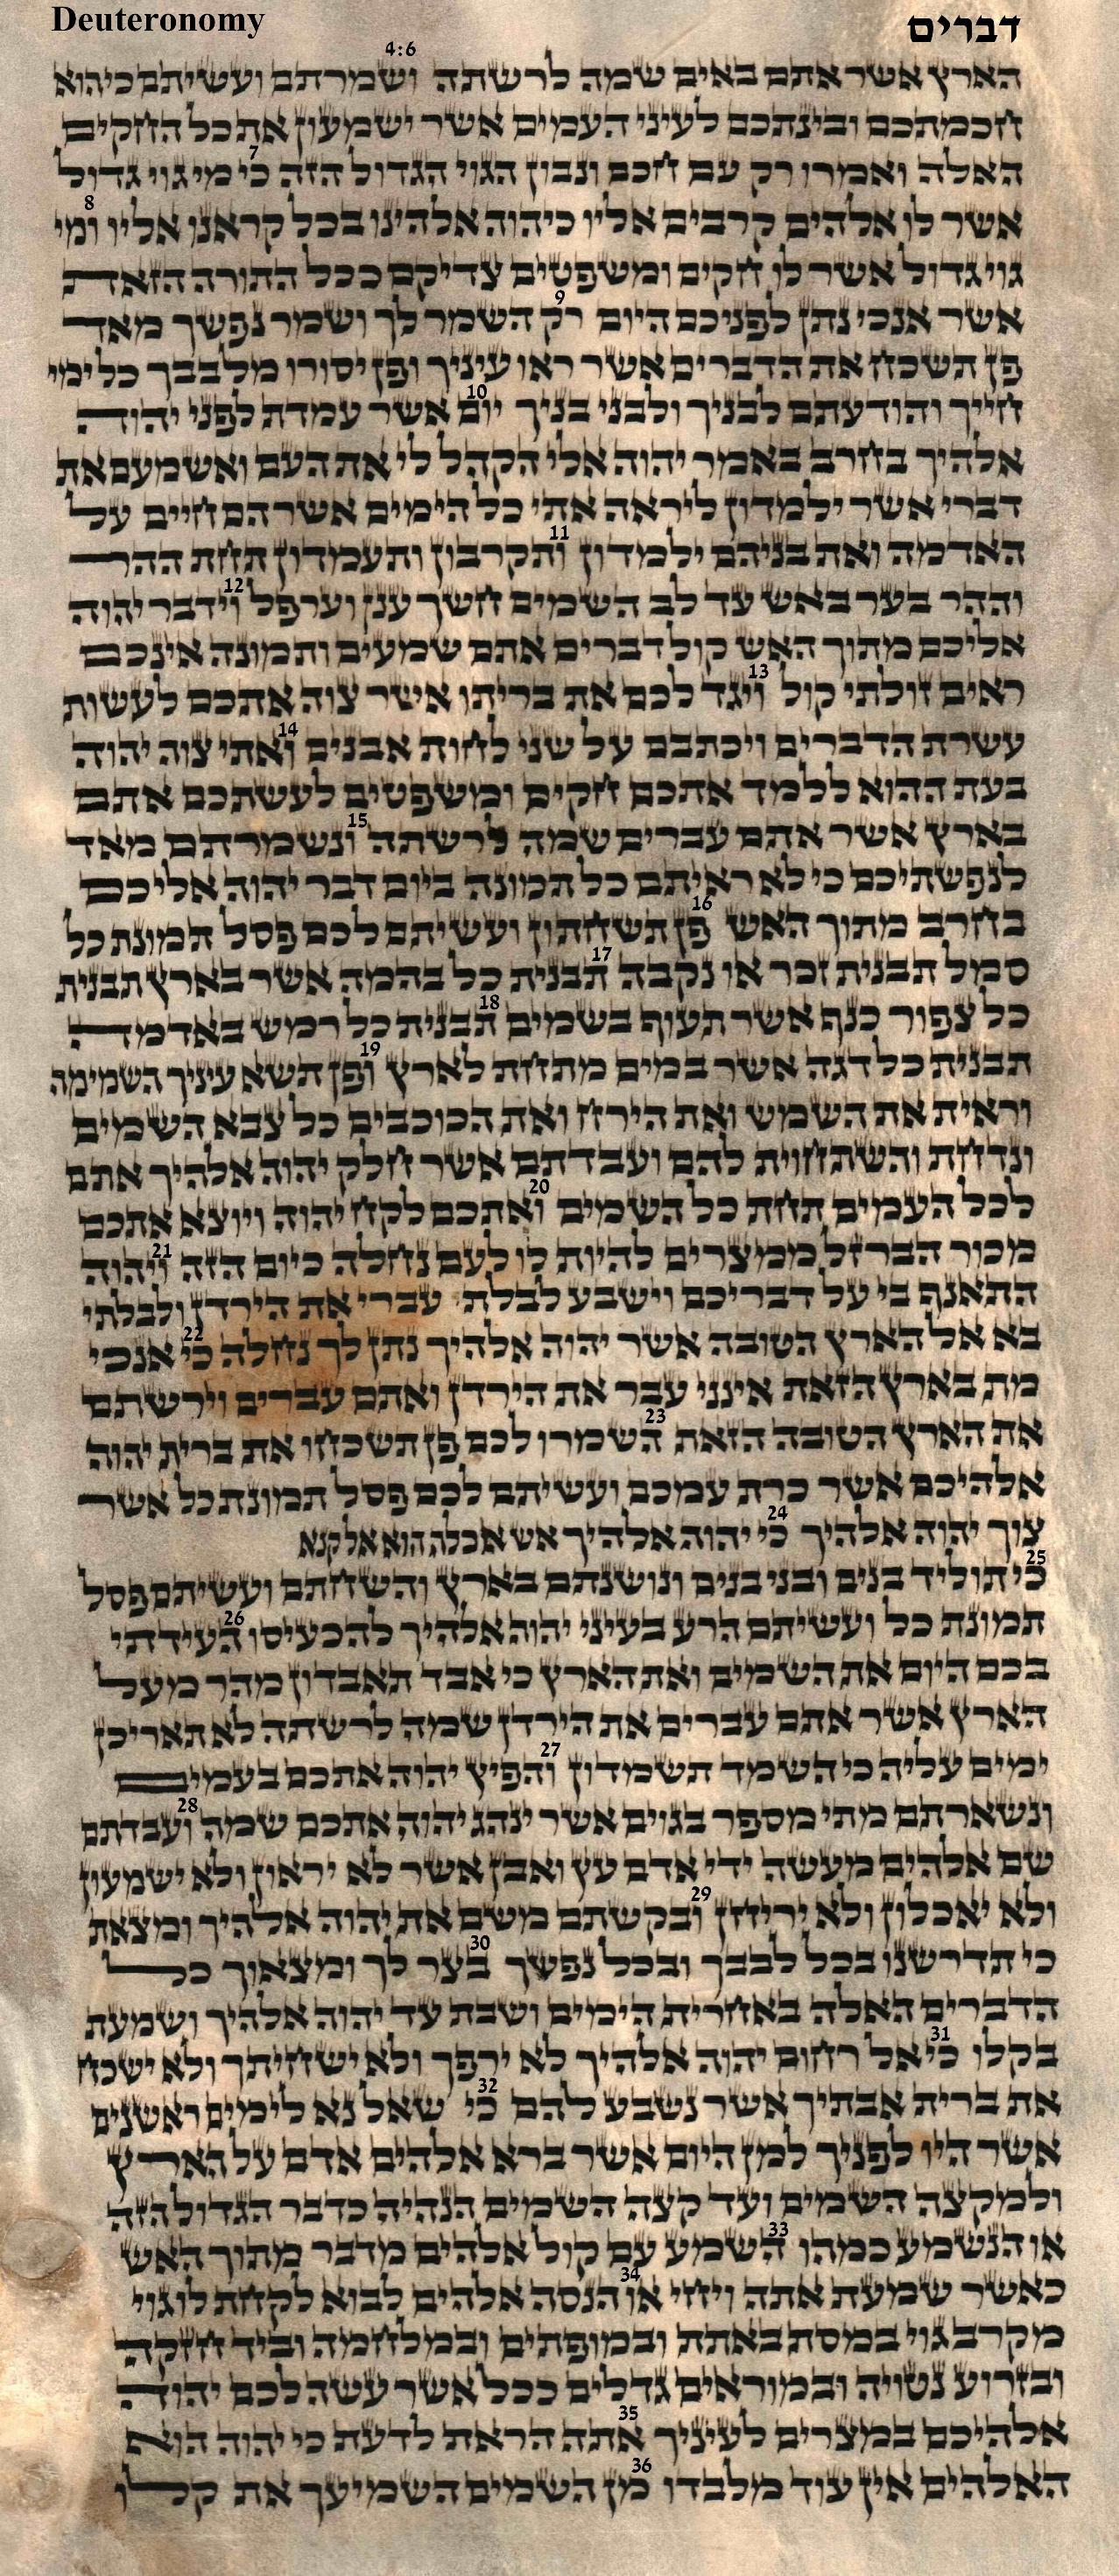 Deuteronomy 4.6 - 4.36